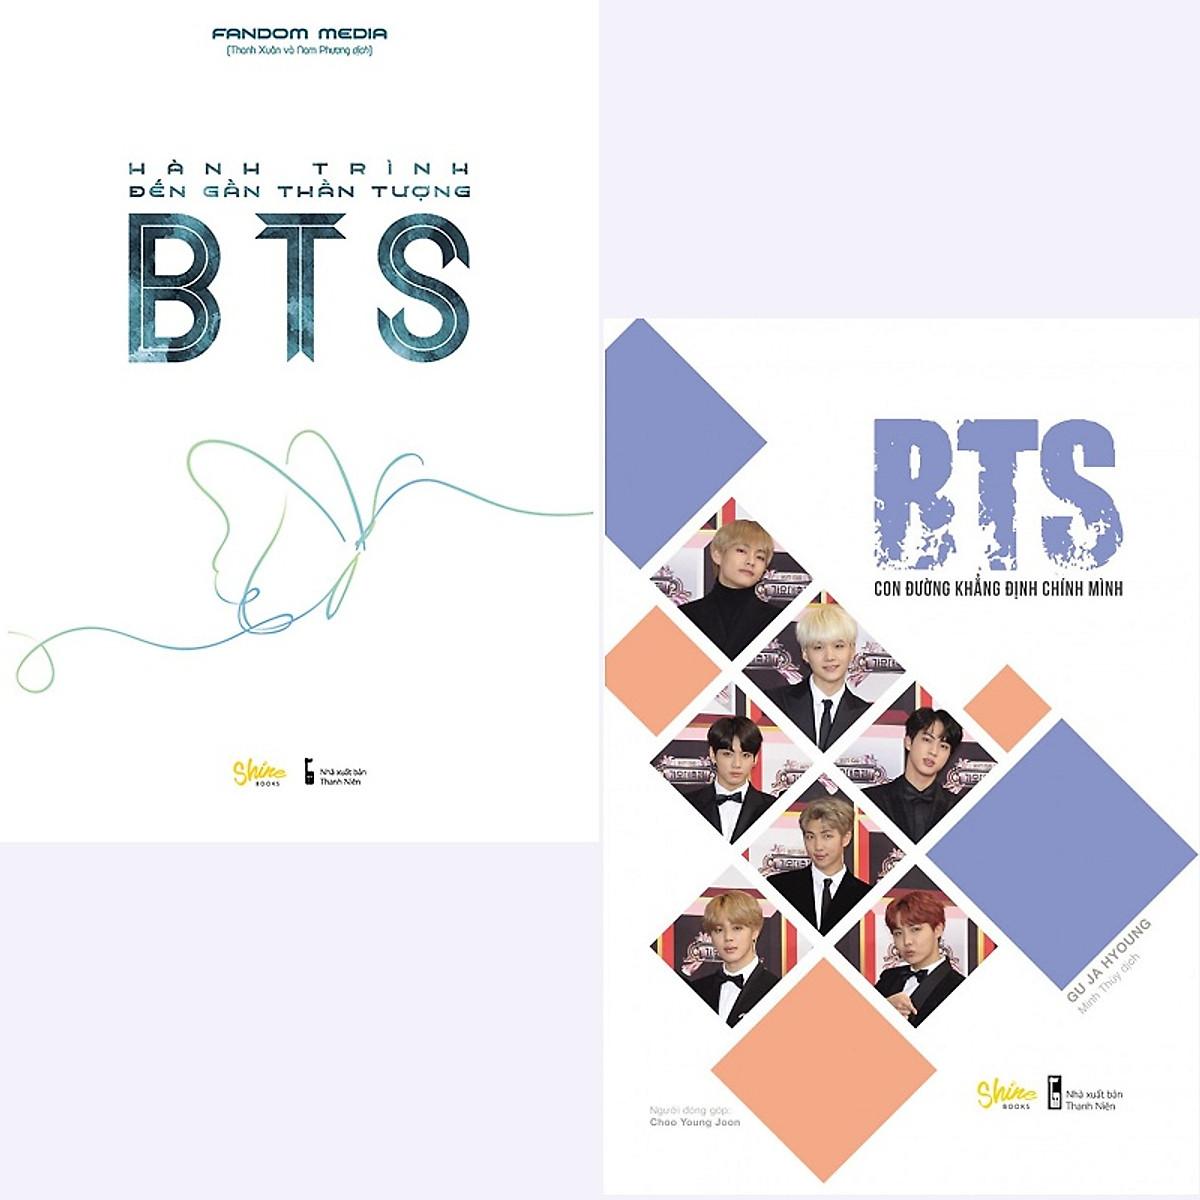 Hình đại diện sản phẩm Combo BTS Con Đường Khẳng Định Chính Mình và Hành Trình Đến Gần Thần Tượng